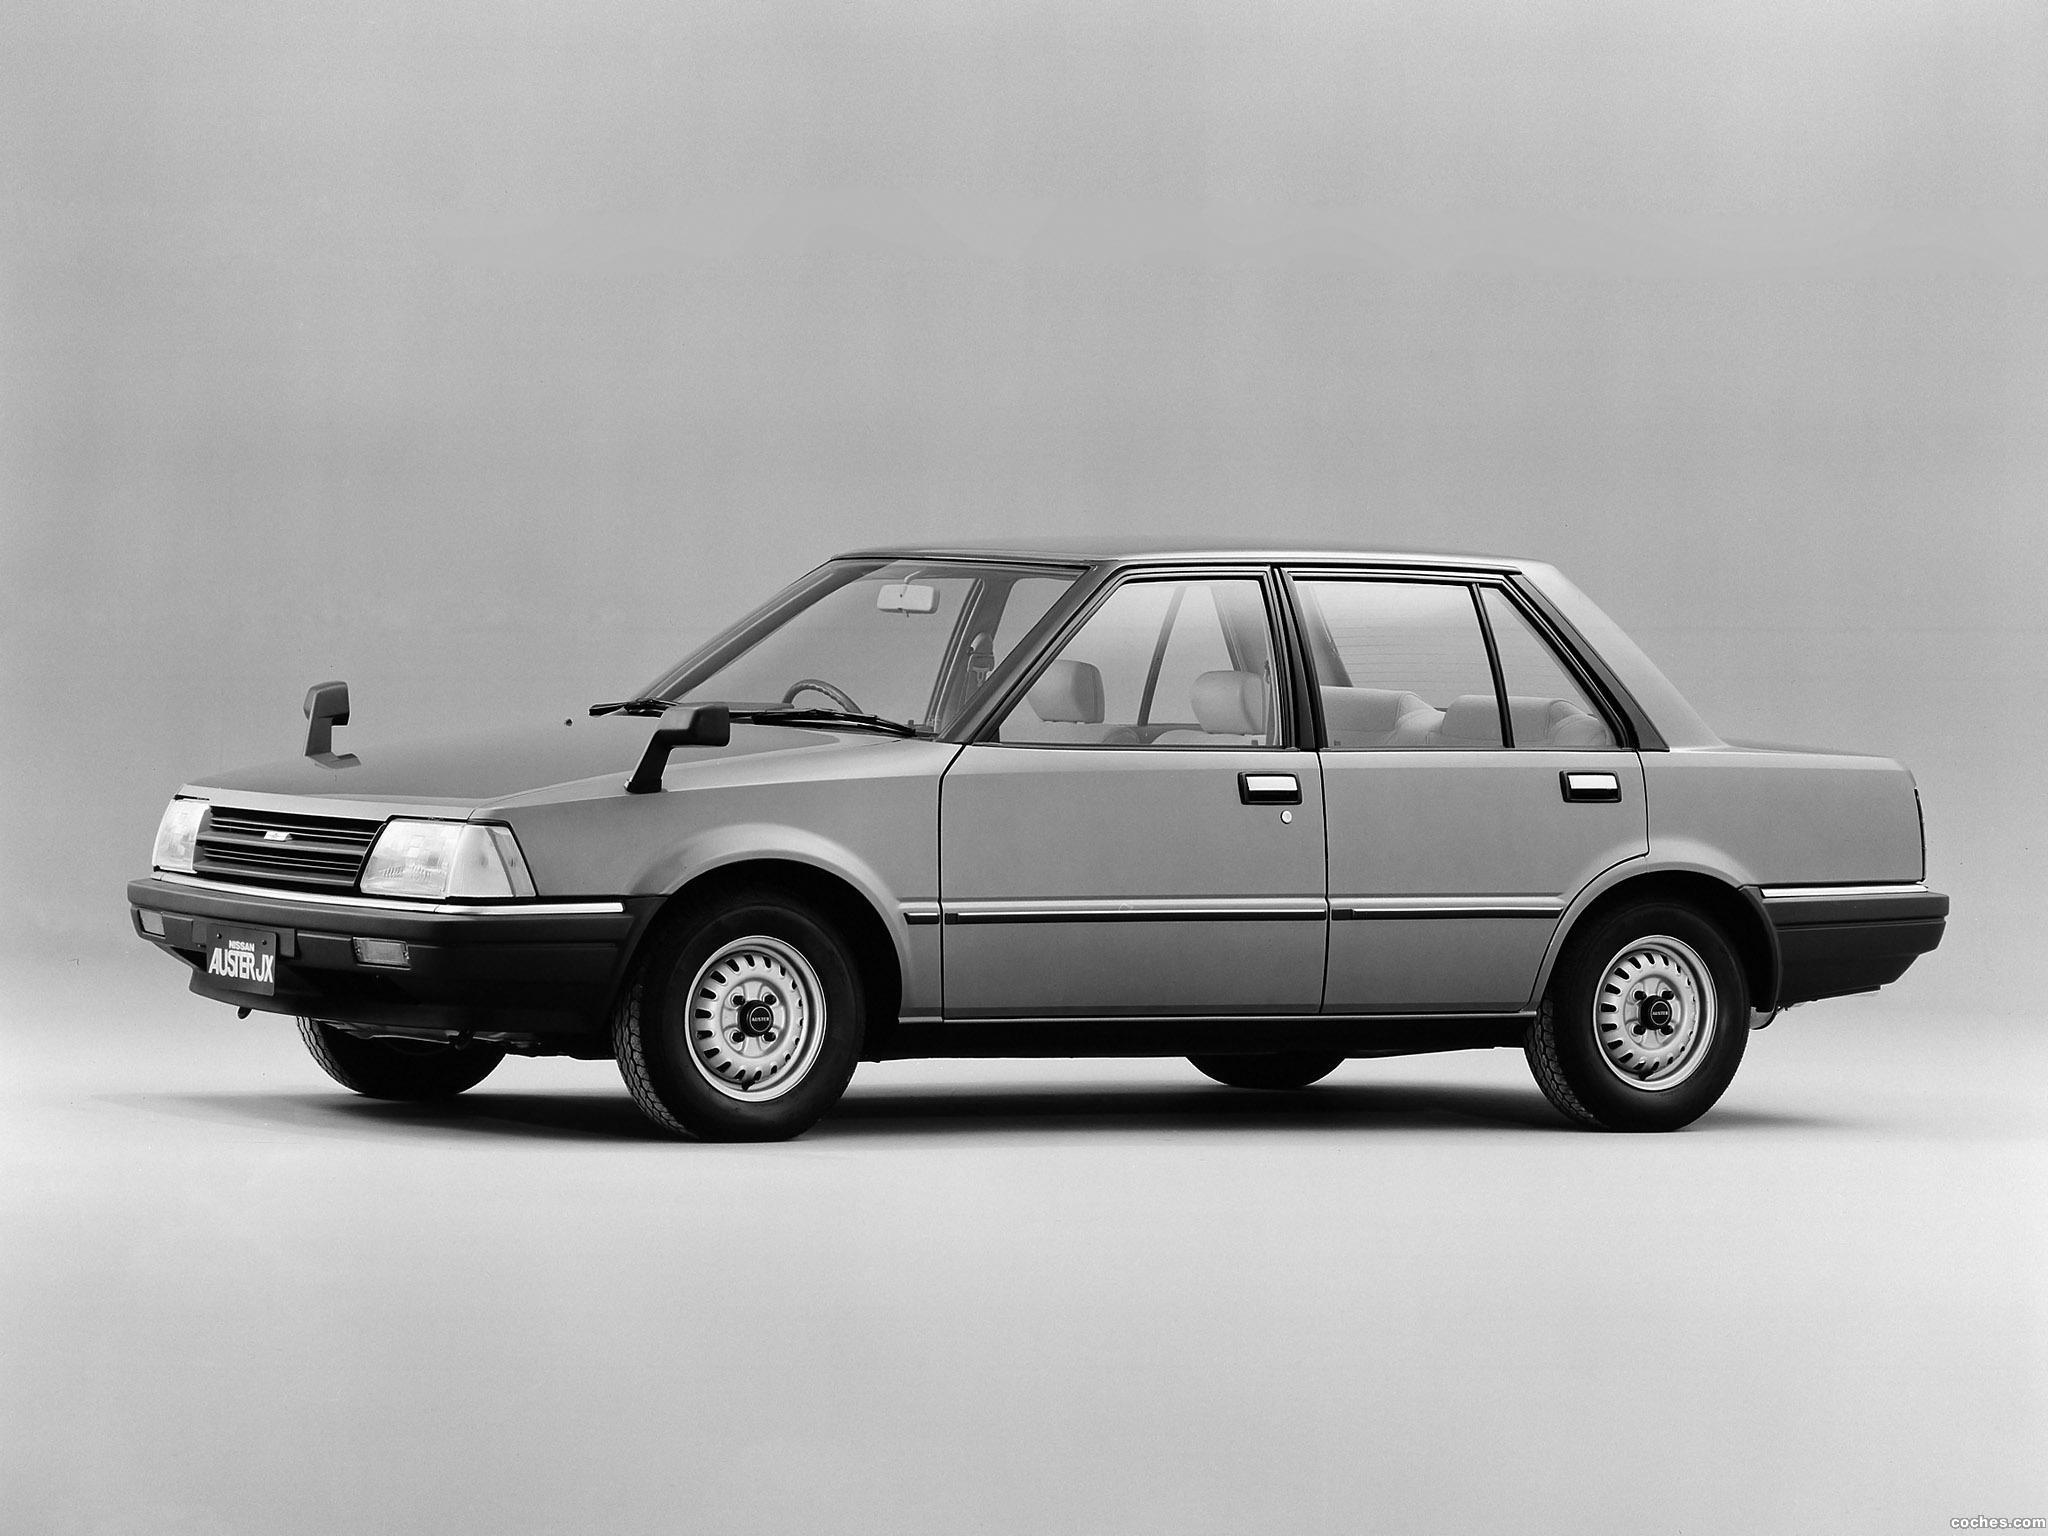 Foto 0 de Nissan Auster JX Sedan T11 1981